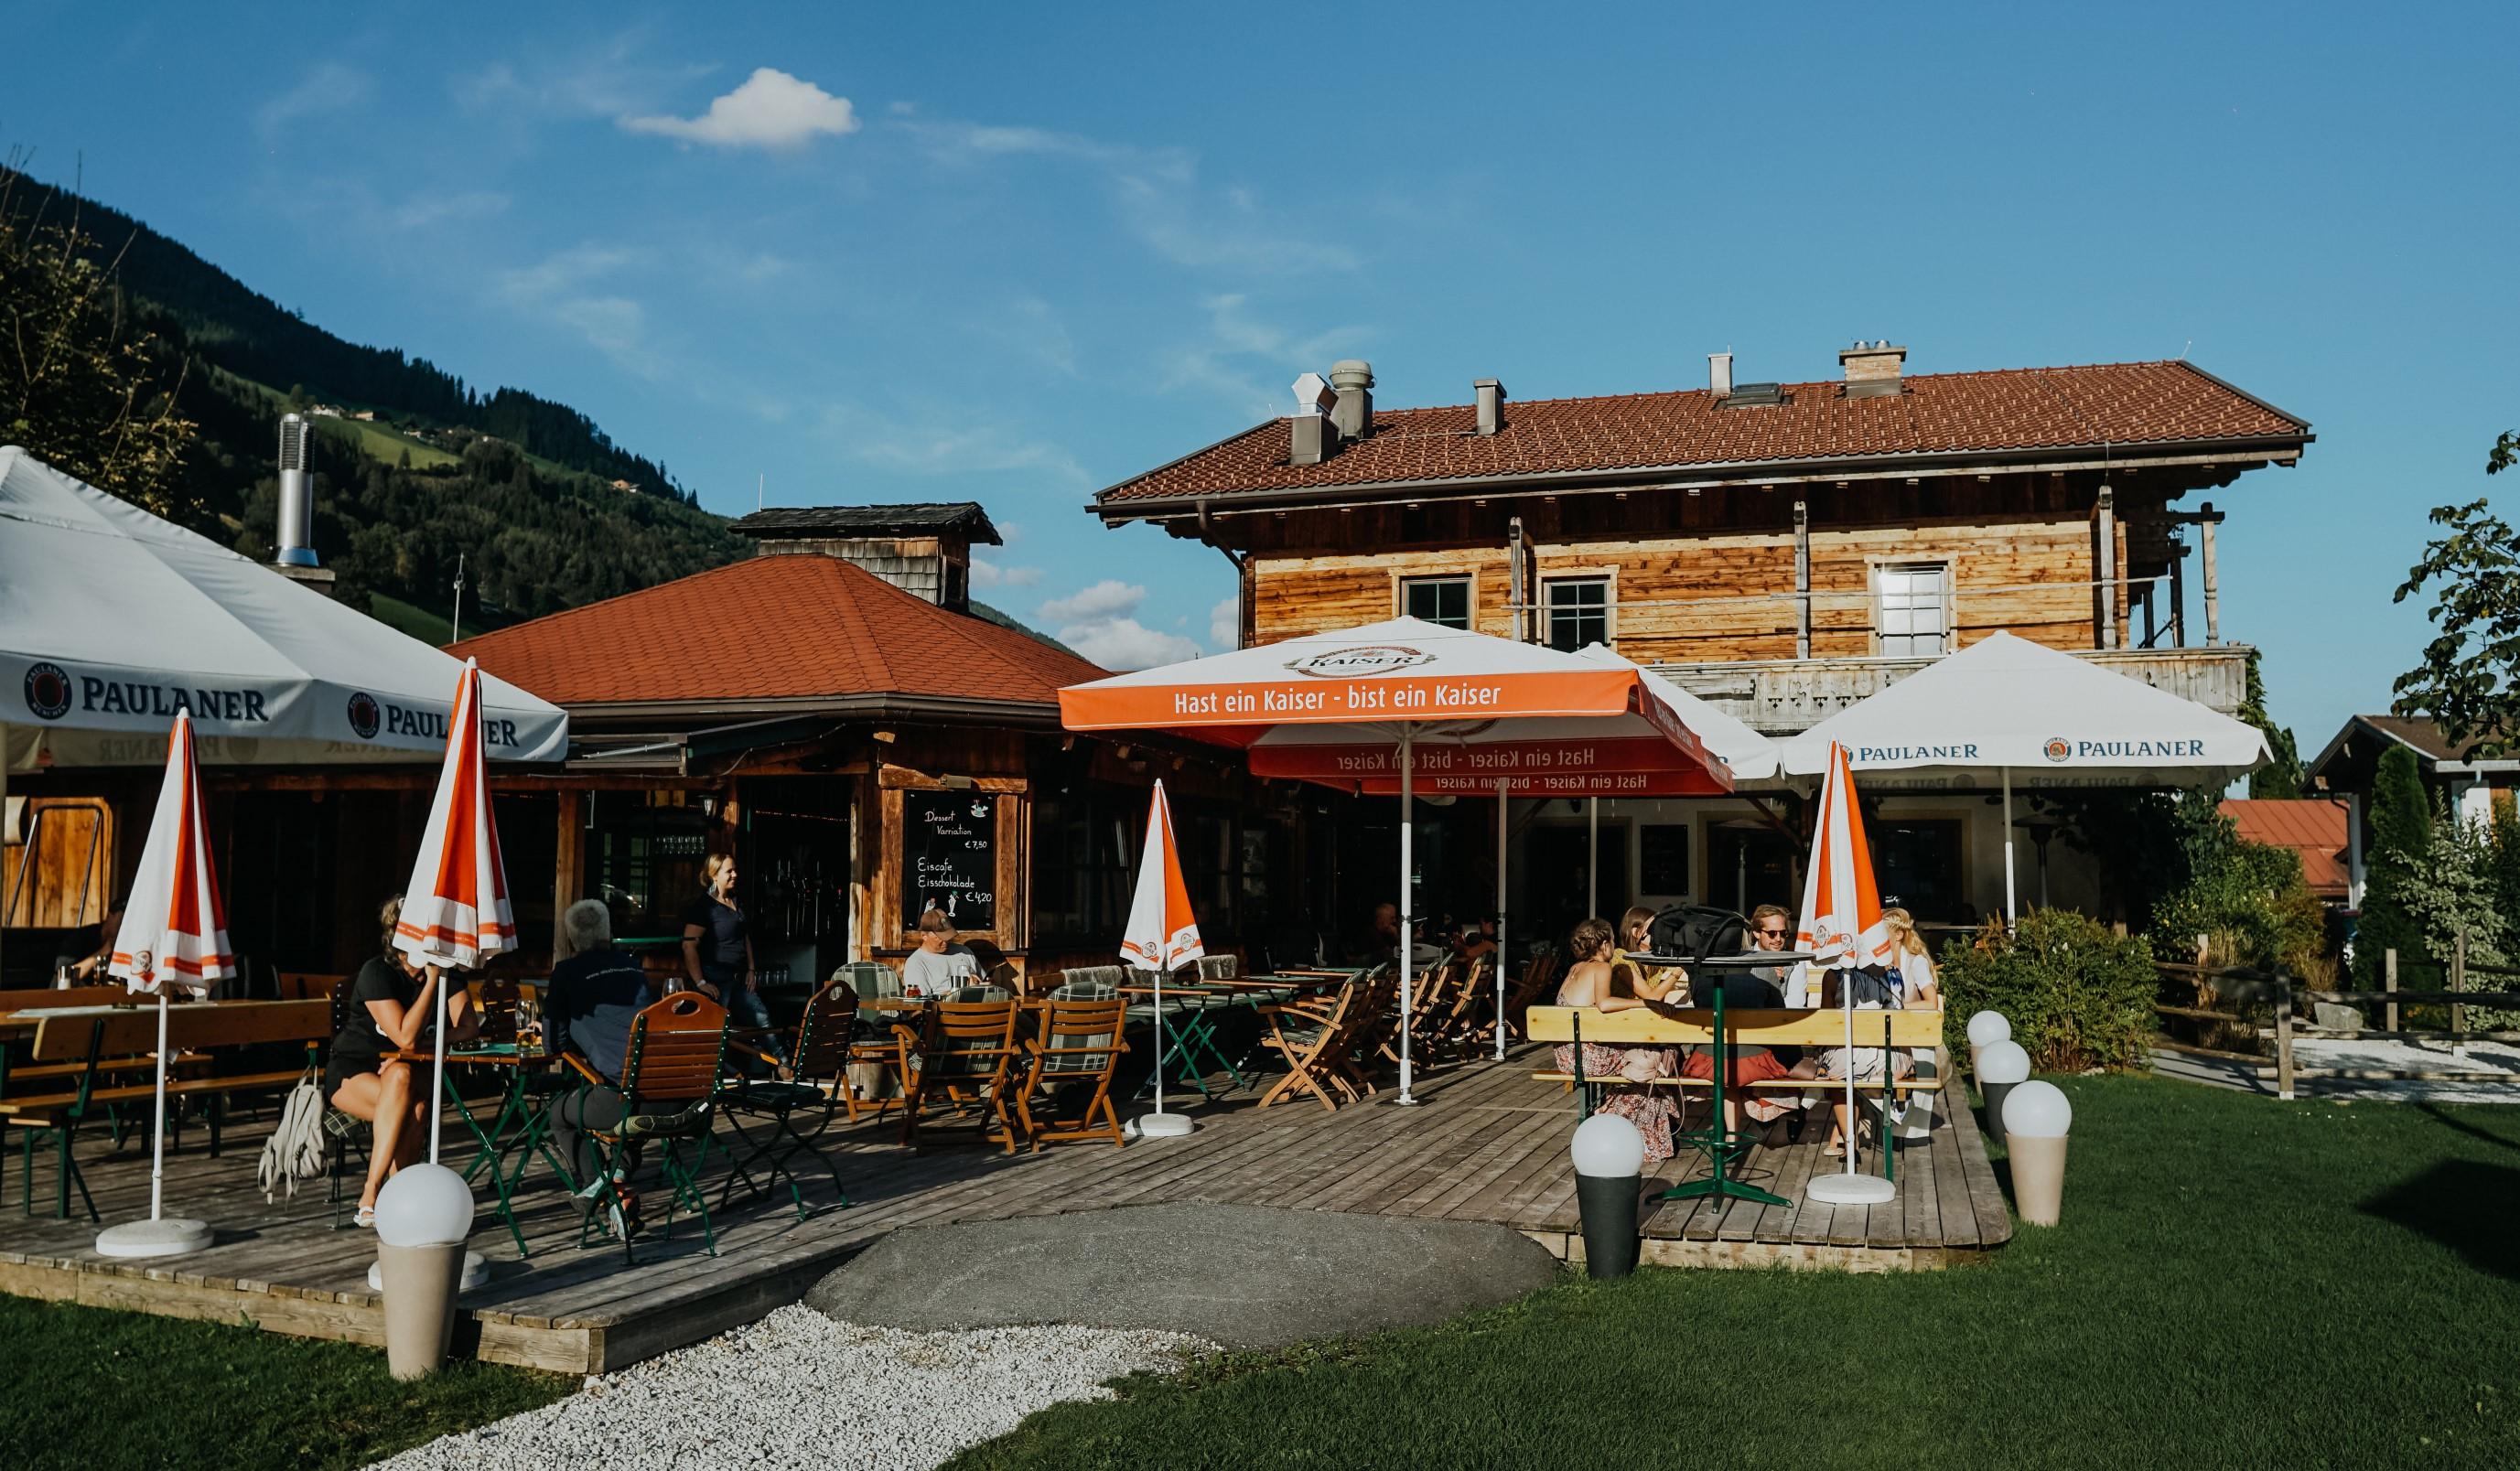 theclickwedding-connybernd-hochzeit-4-149